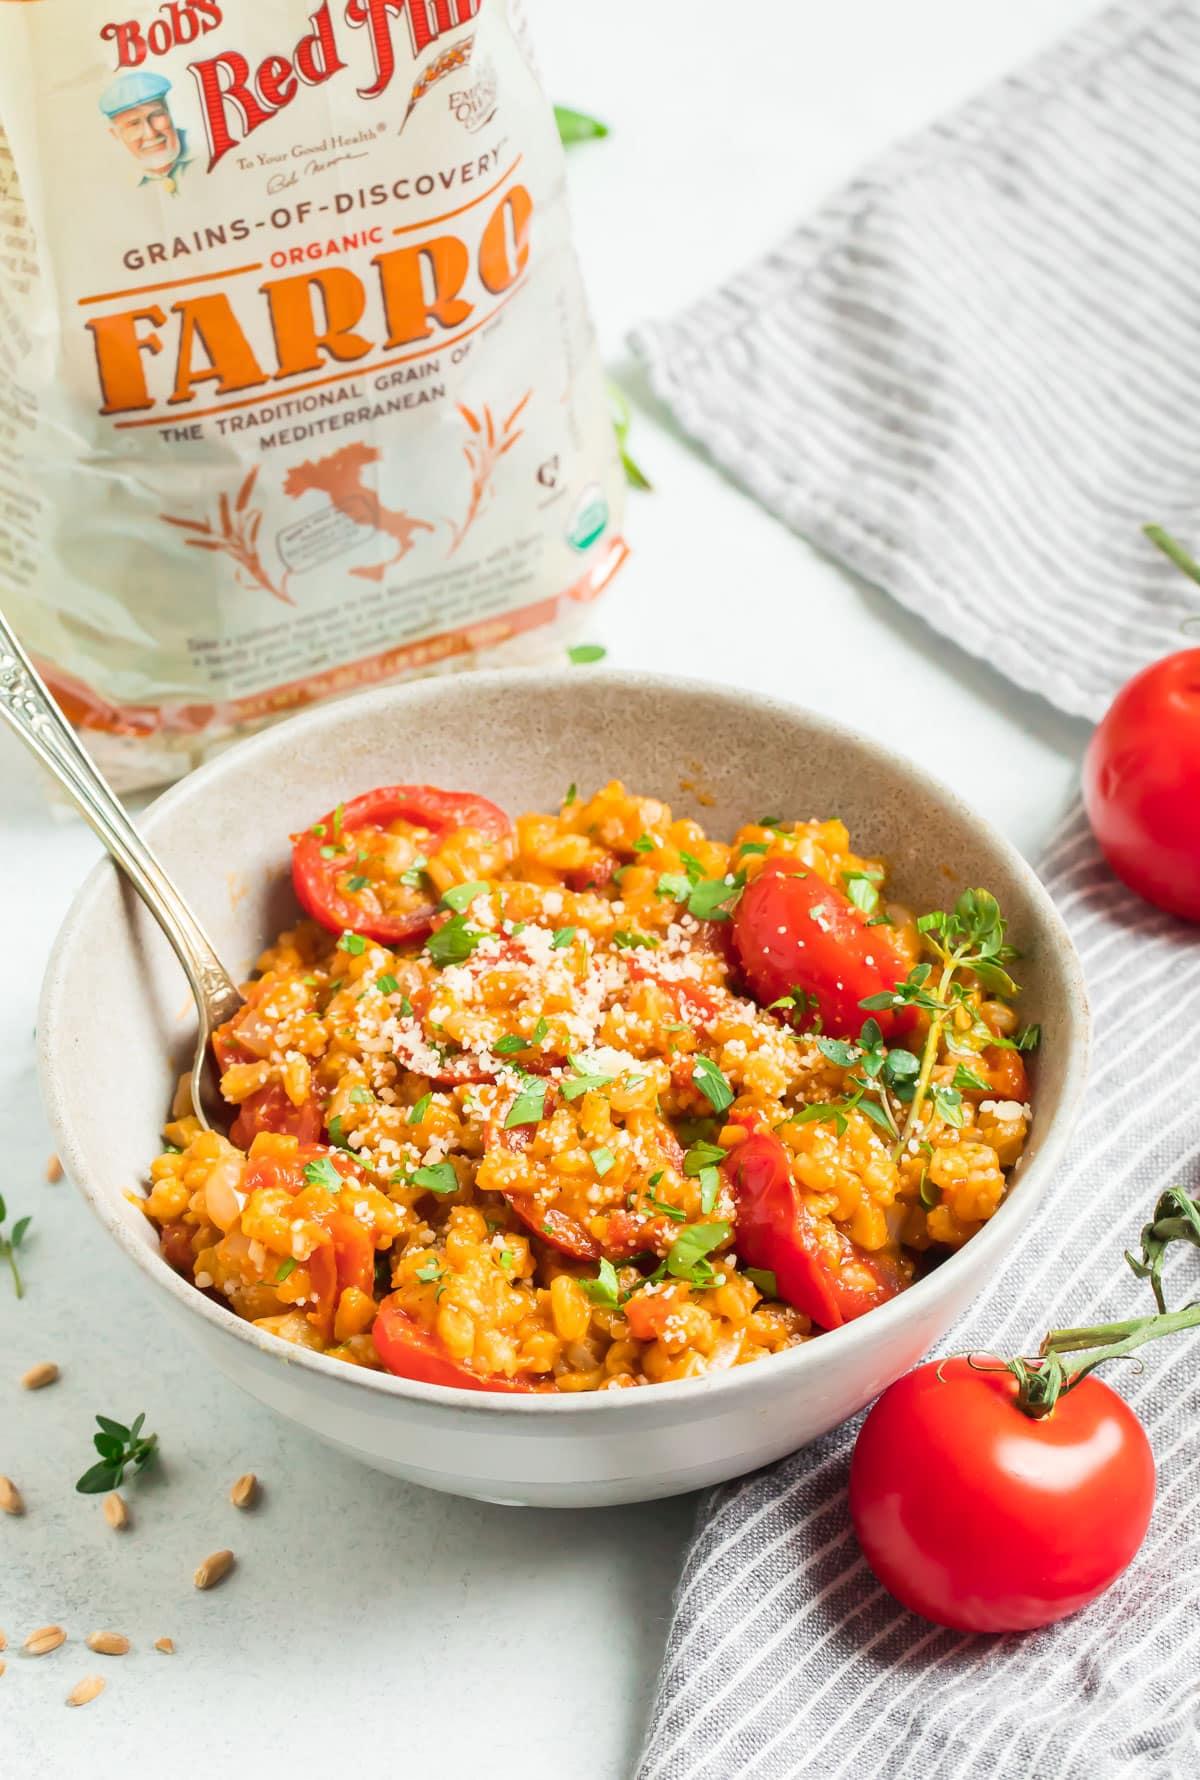 Burst Tomato Farro Risotto in a bowl with a spoon